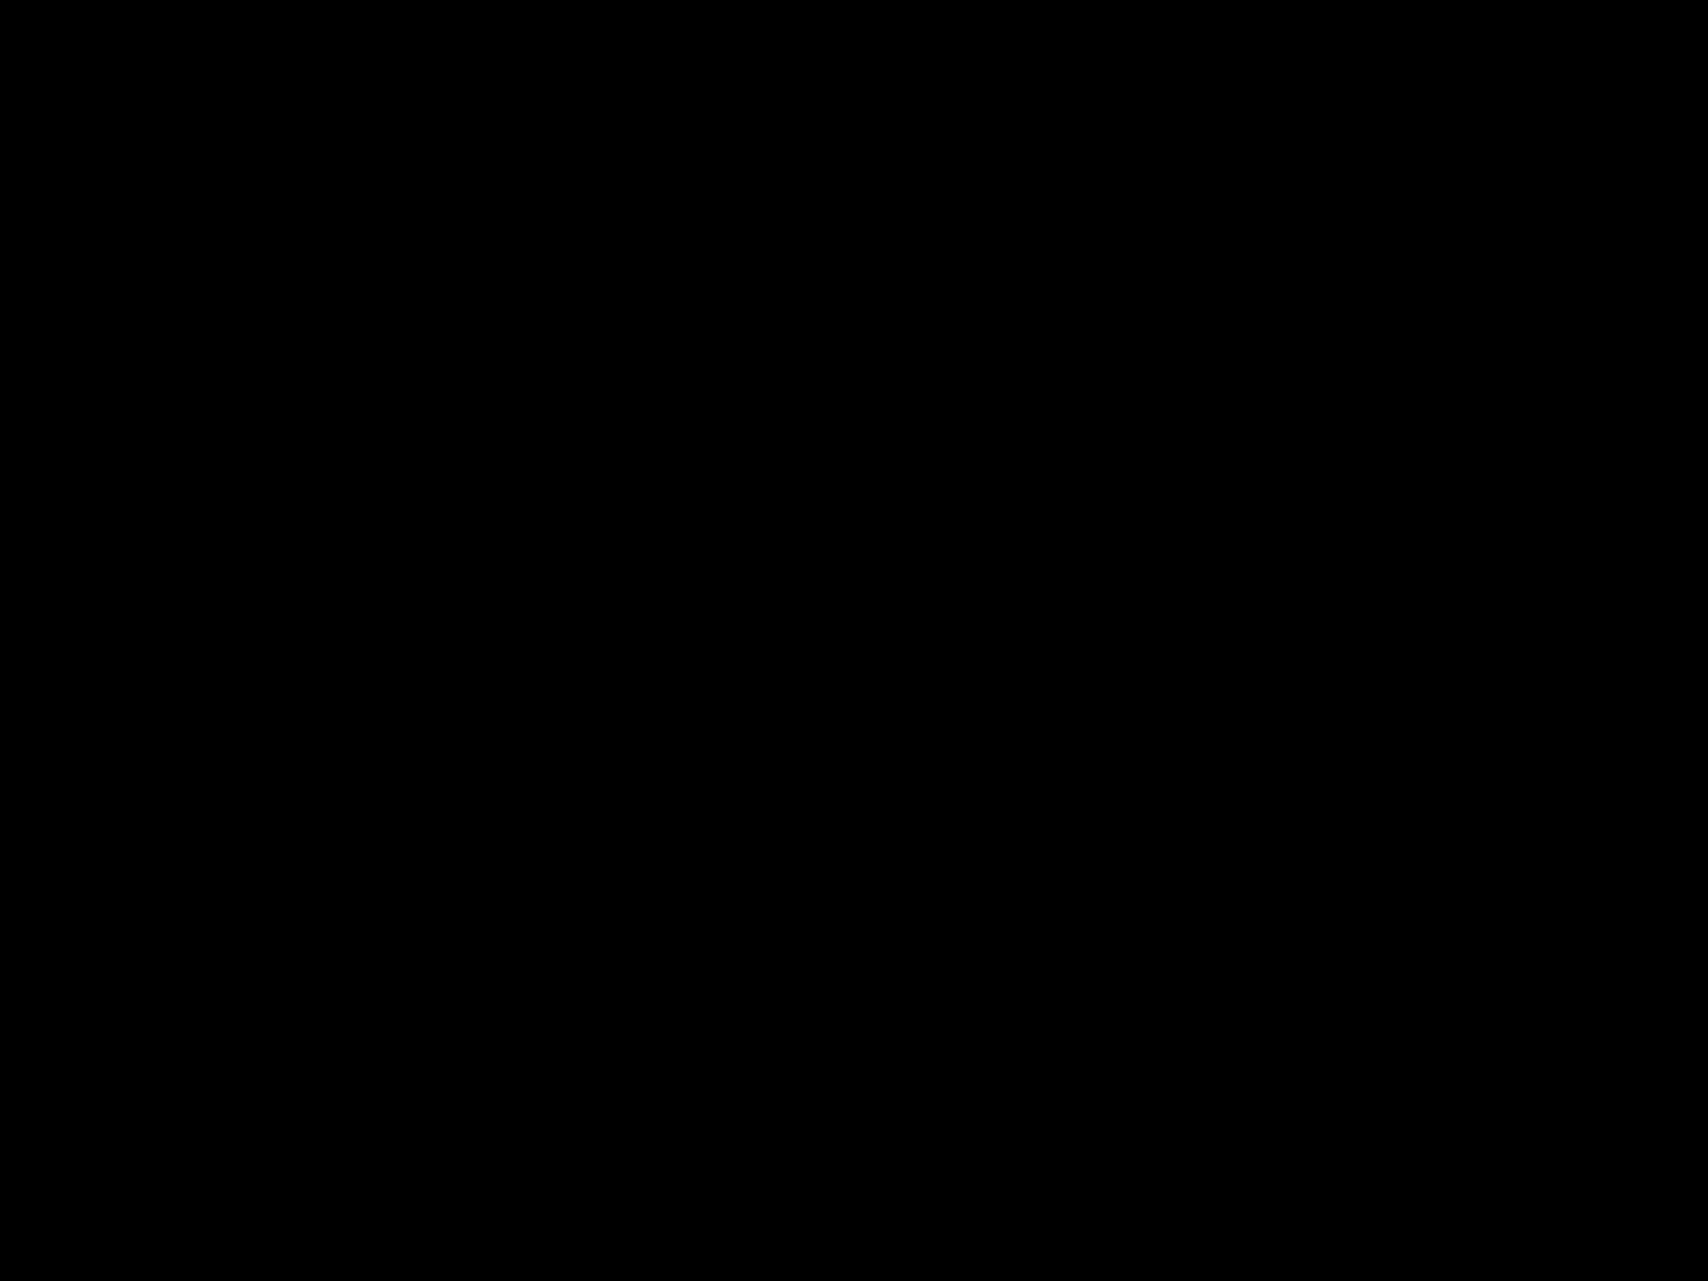 23631_08.jpg